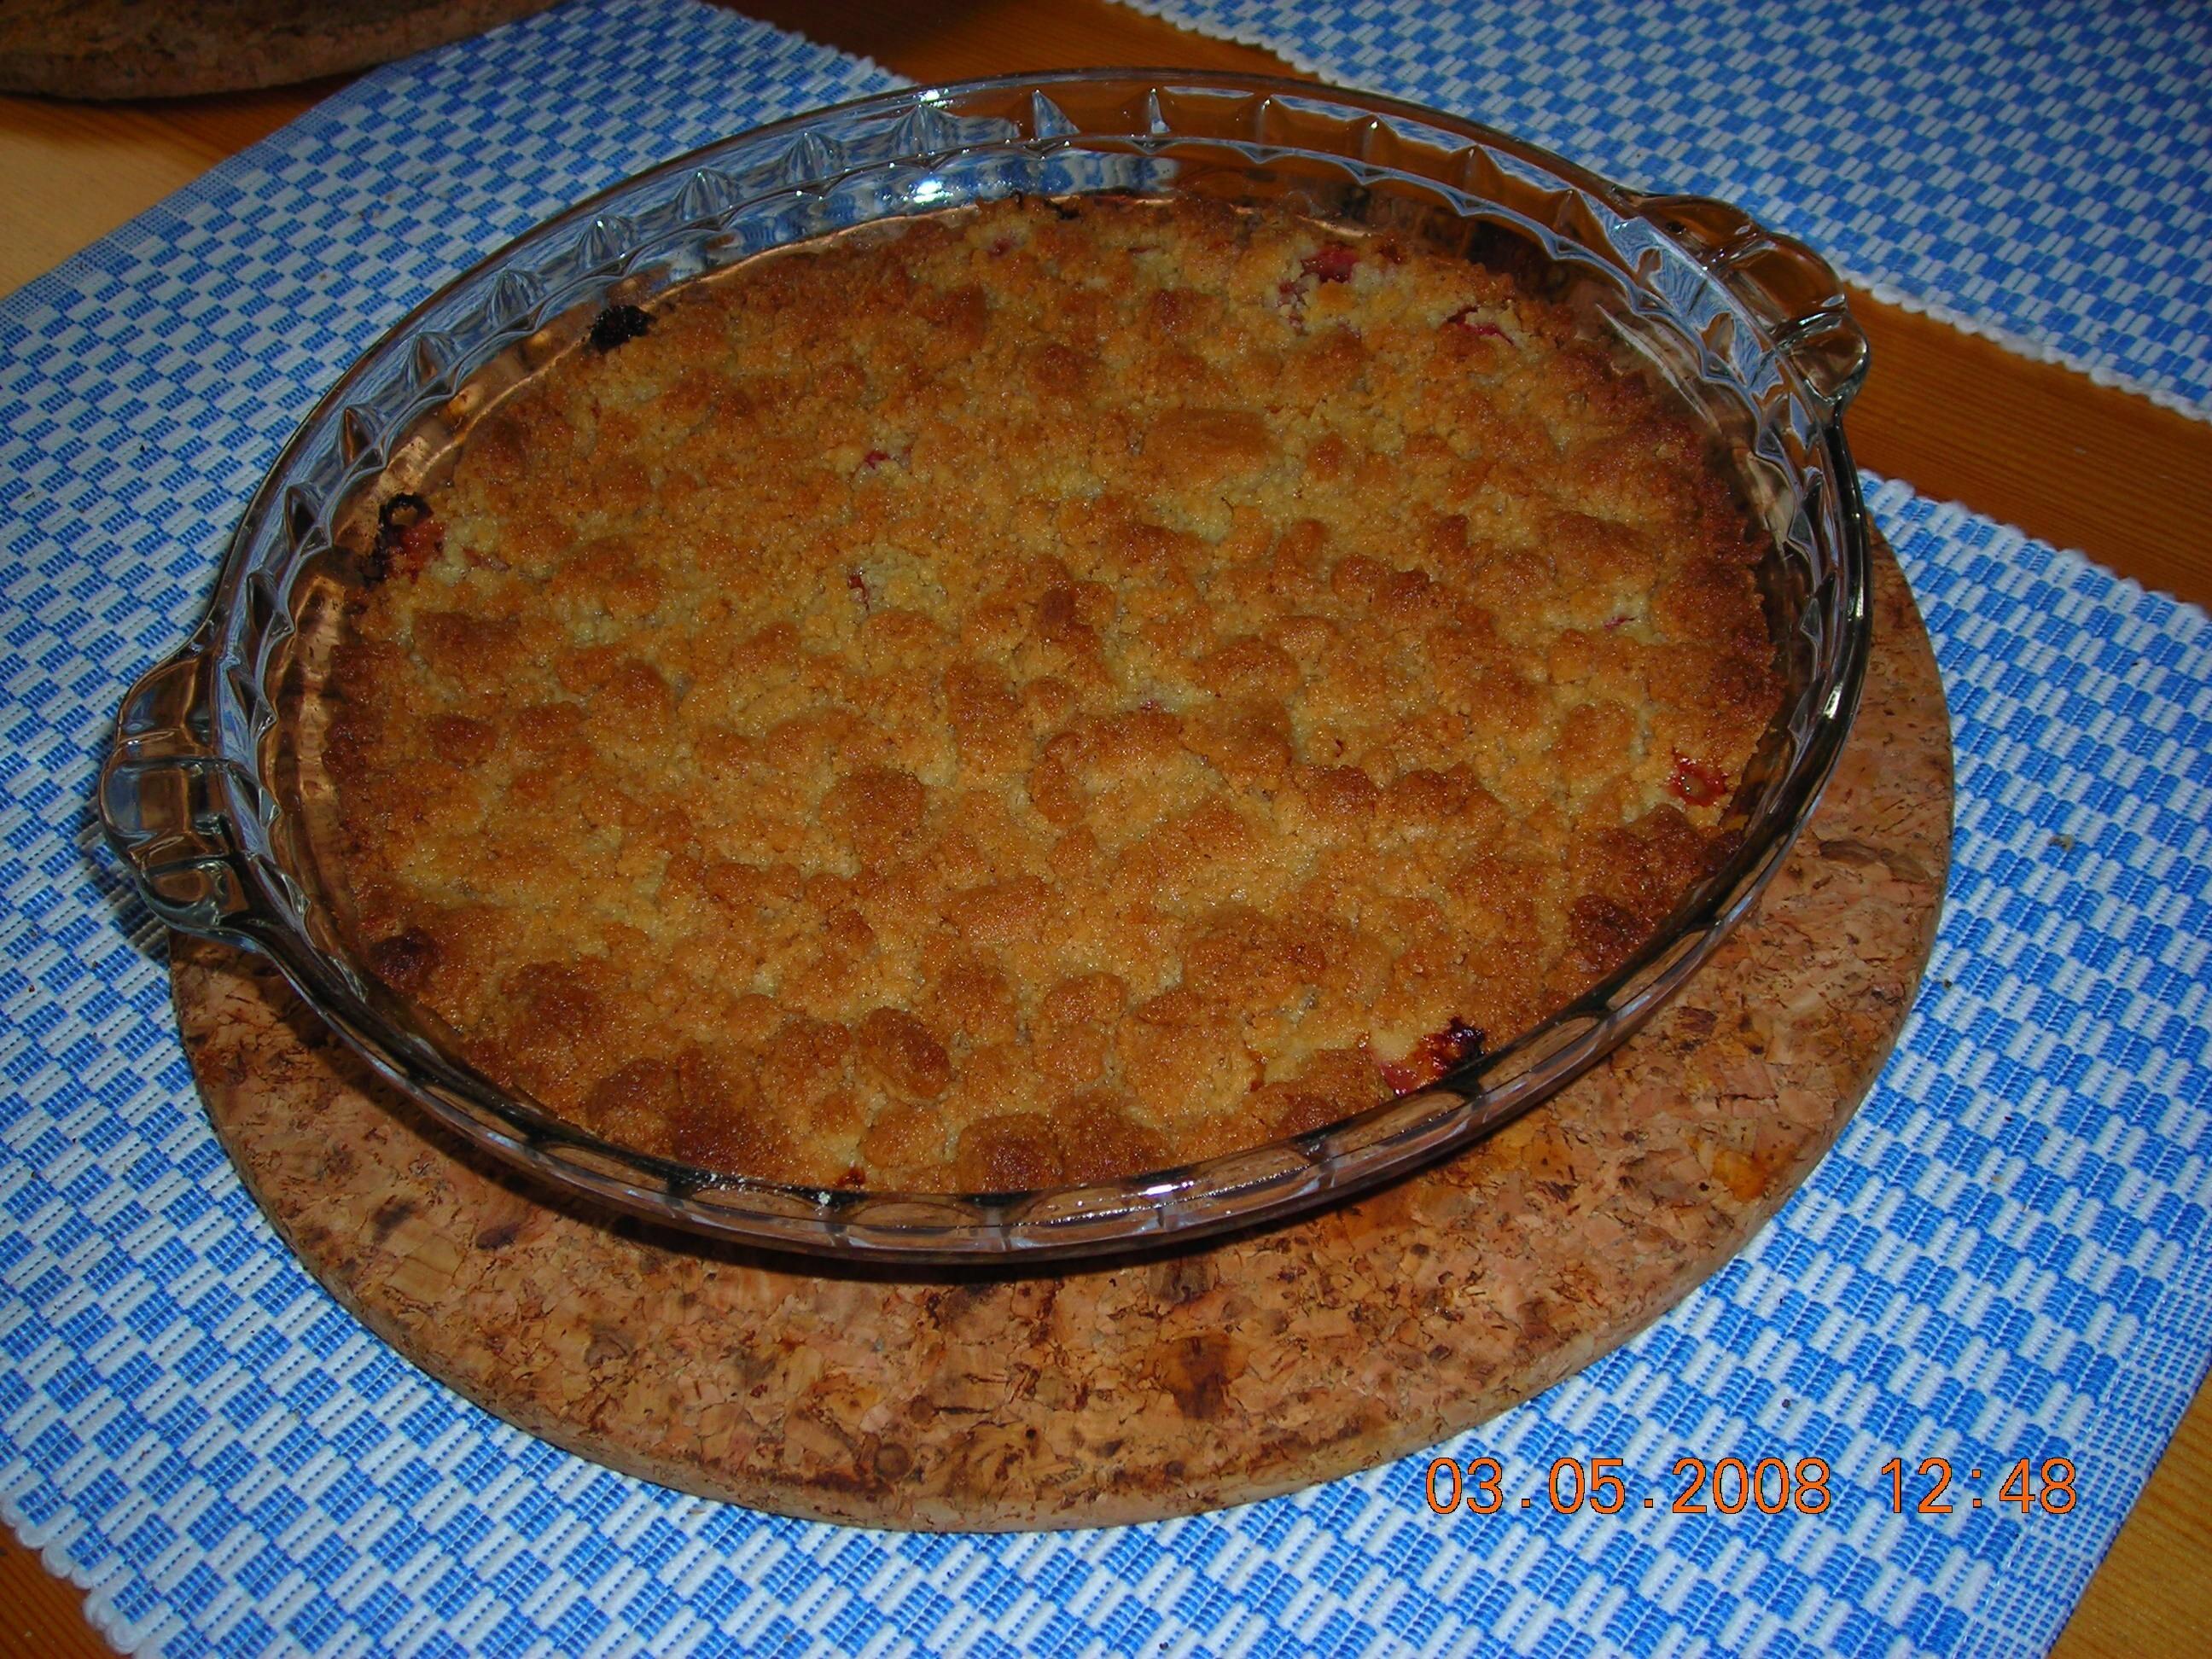 frasig äppelkaka